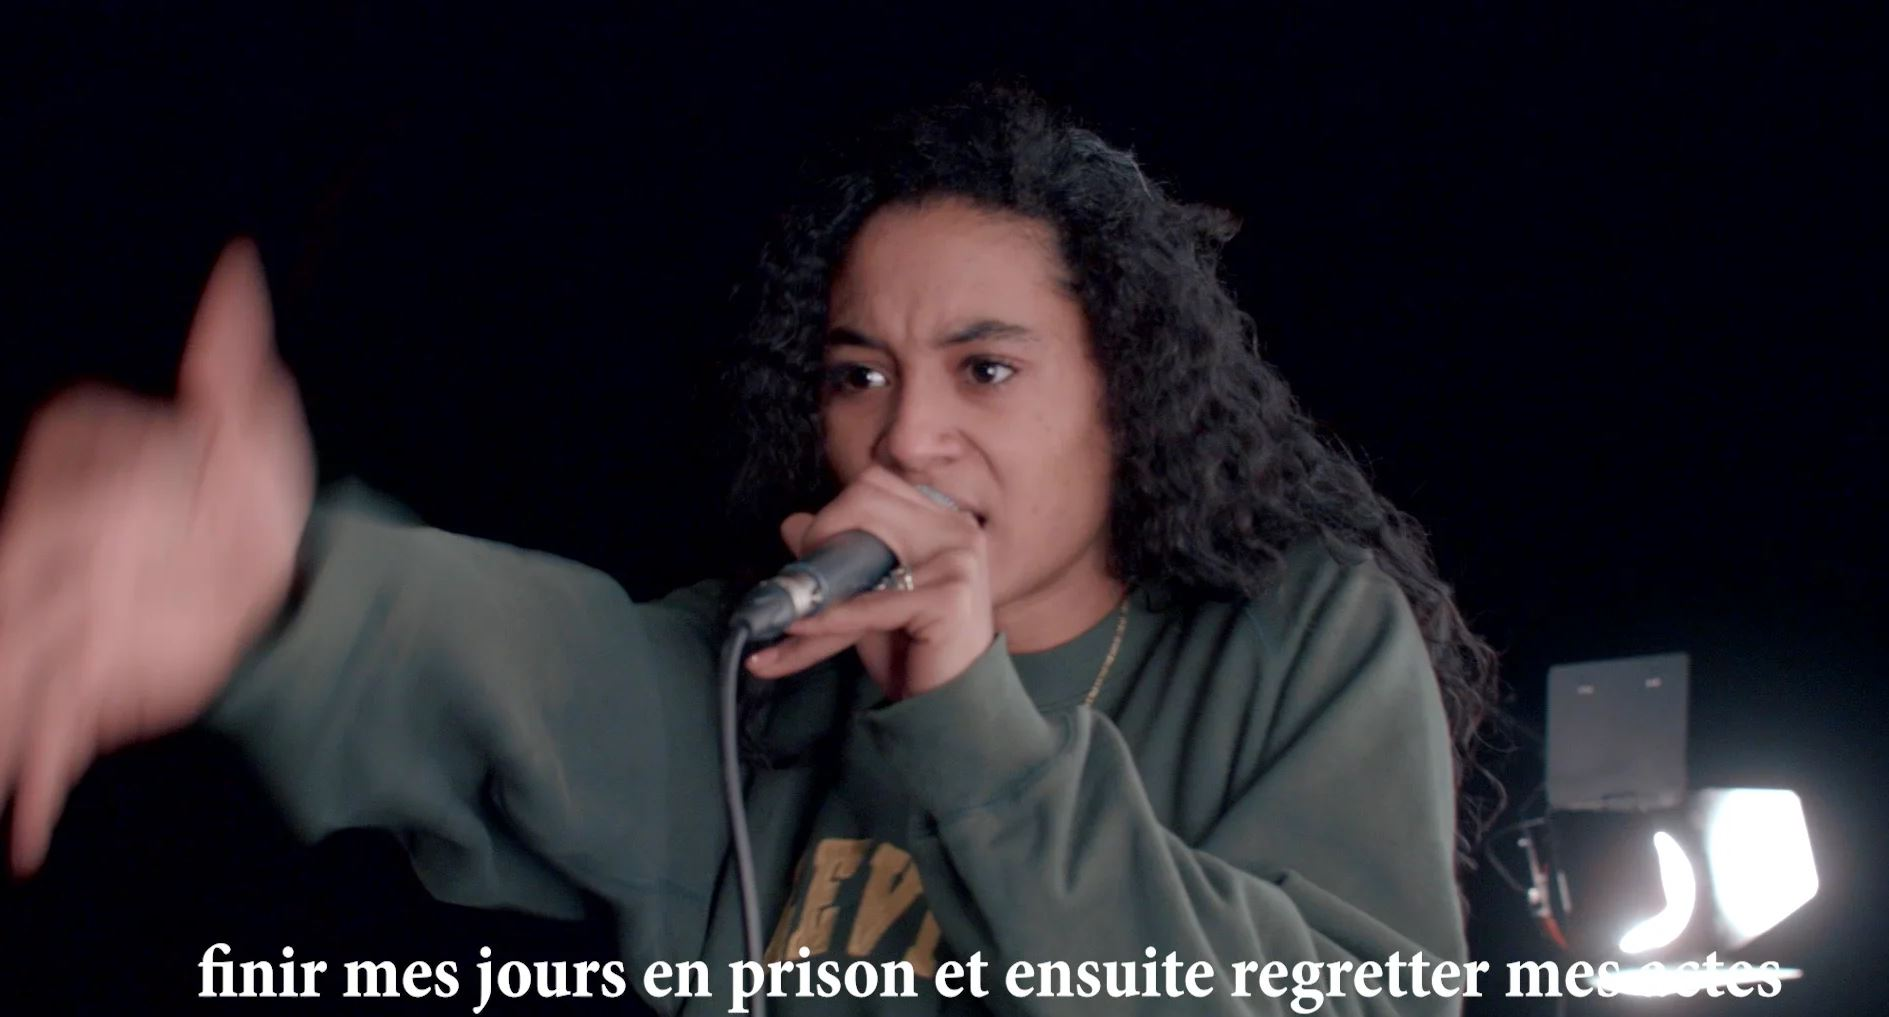 Pièce d'actualité n°12 : Du sale ! - Nanterre-Amandiers